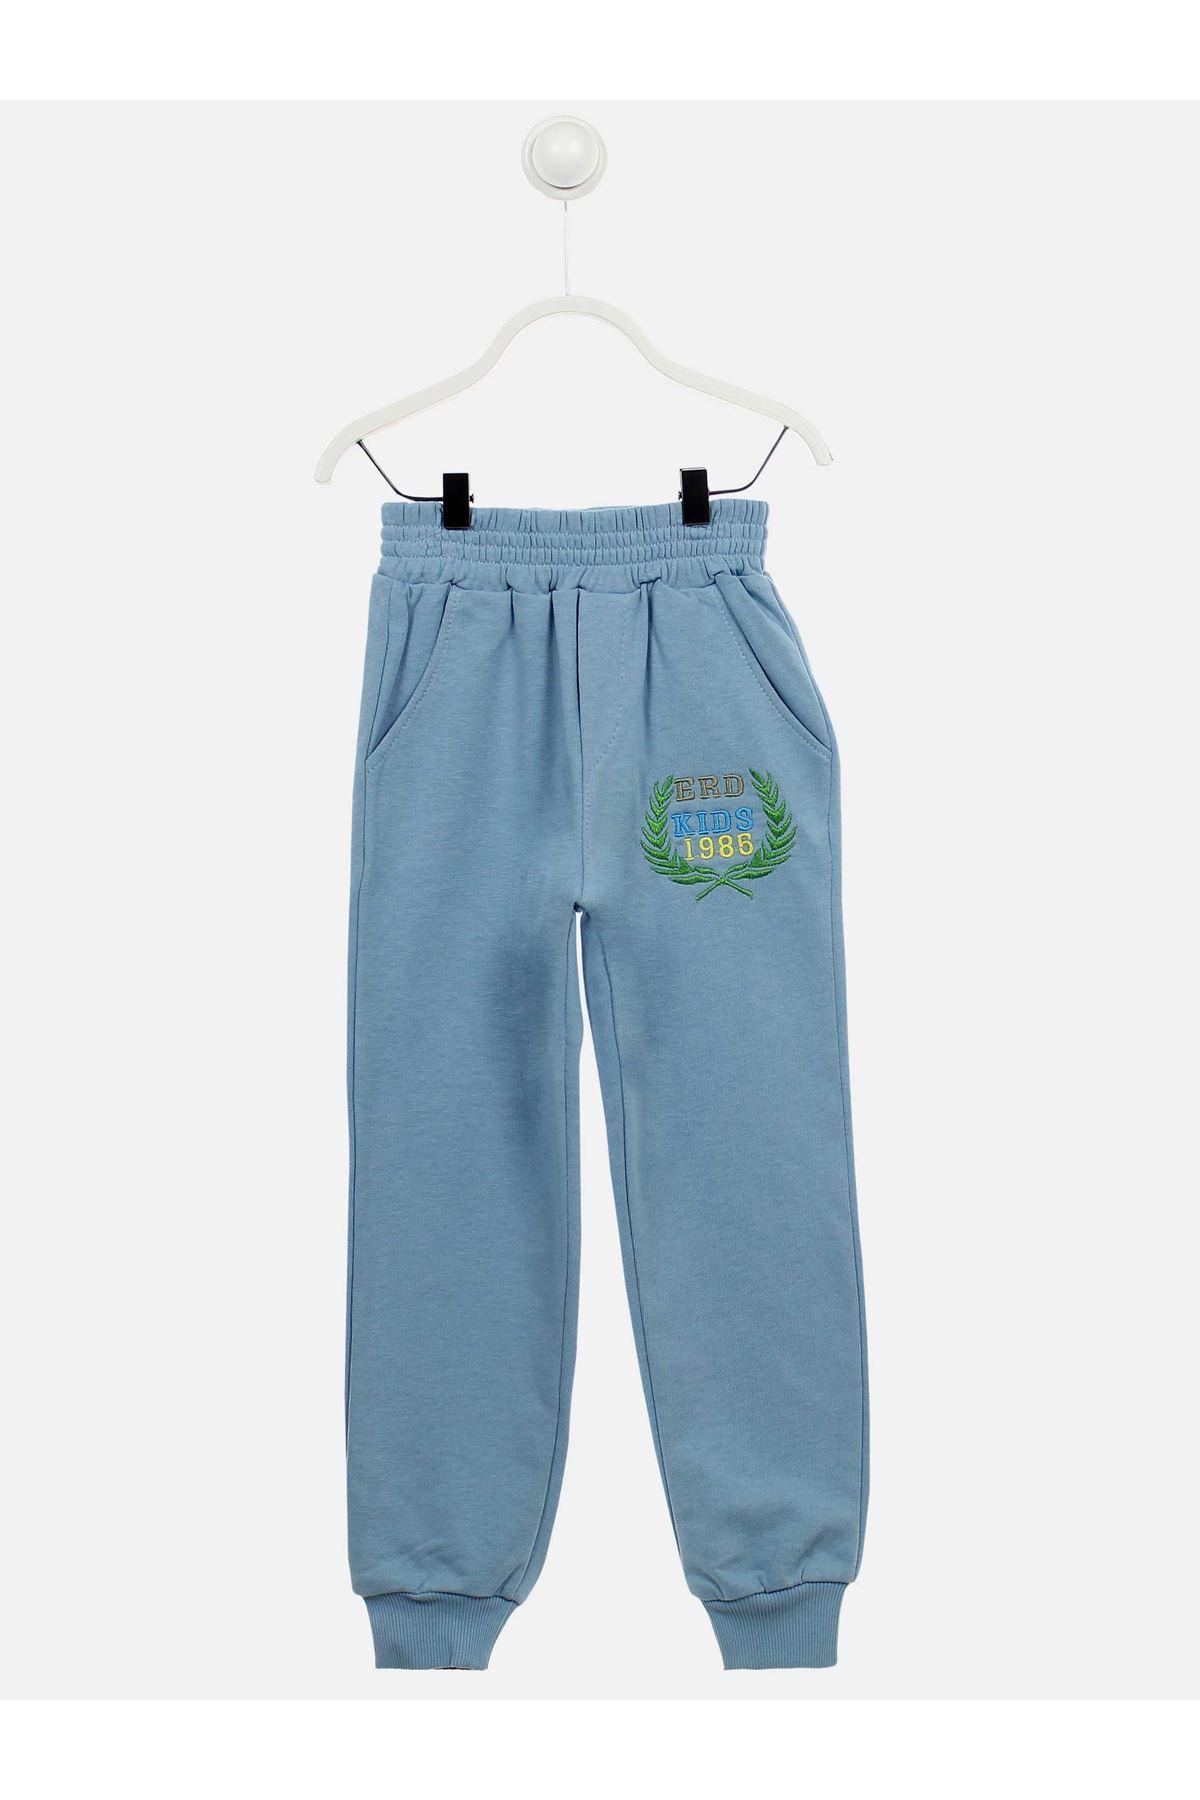 Açık Mavi Mevsimlik Erkek Çocuk Pijama Takımı